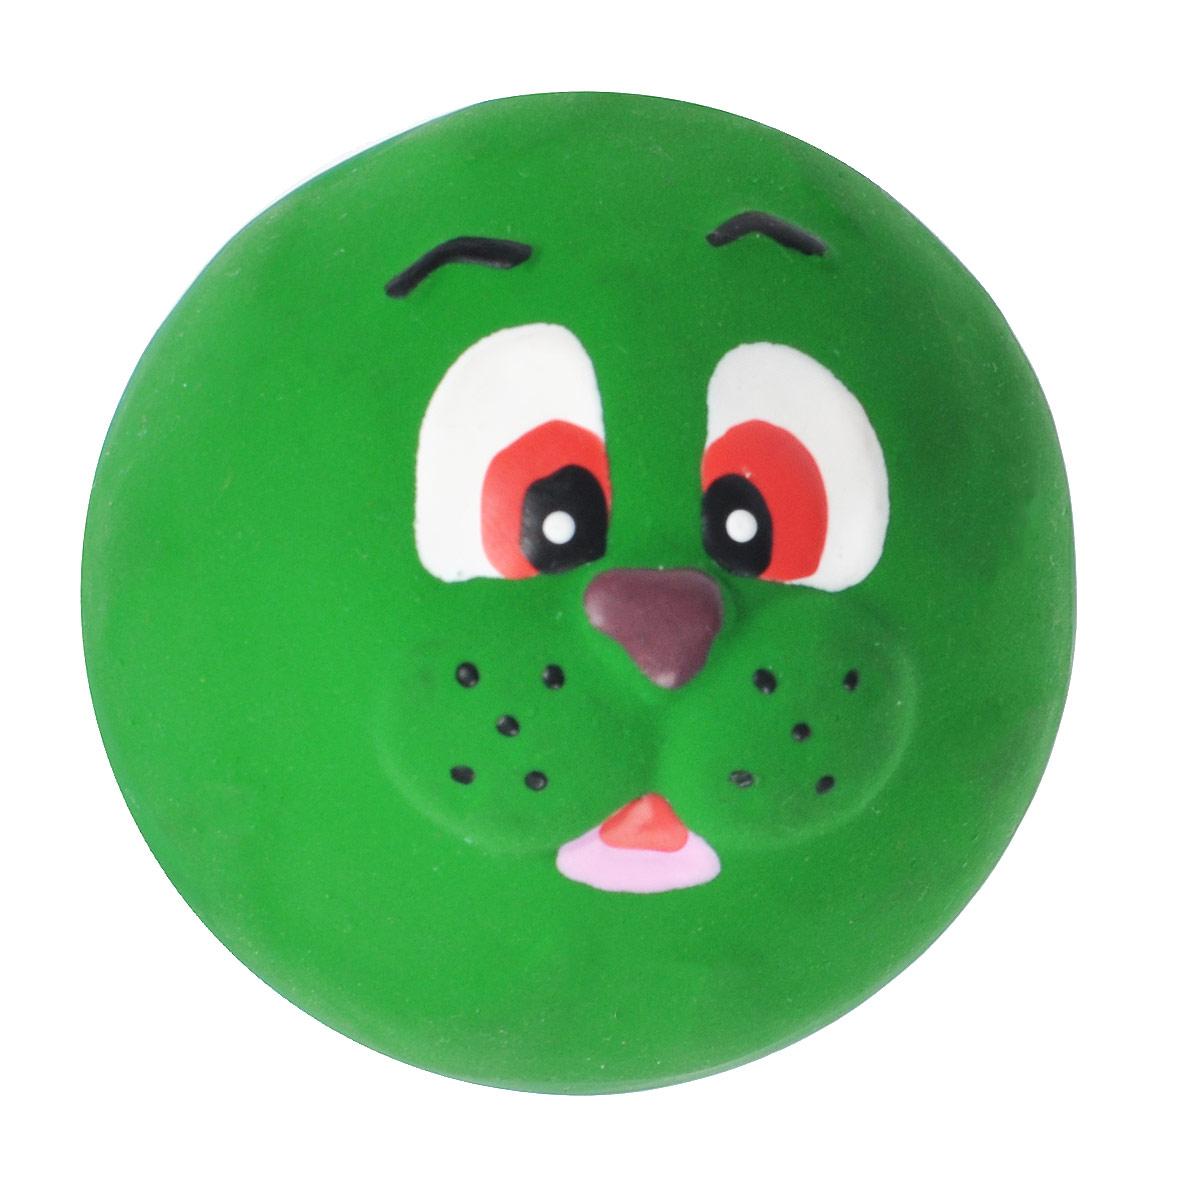 Игрушка для собак I.P.T.S. Мяч с мордочкой животных, цвет: зеленый, диаметр 7 см0120710Игрушка для собак I.P.T.S. Мяч с мордочкой животных, изготовленная из высококачественного латекса, выполнена в виде мячика с милой мордочкой. Такая игрушка порадует вашего любимца, а вам доставит массу приятных эмоций, ведь наблюдать за игрой всегда интересно и приятно. Оставшись в одиночестве, ваша собака будет увлеченно играть.